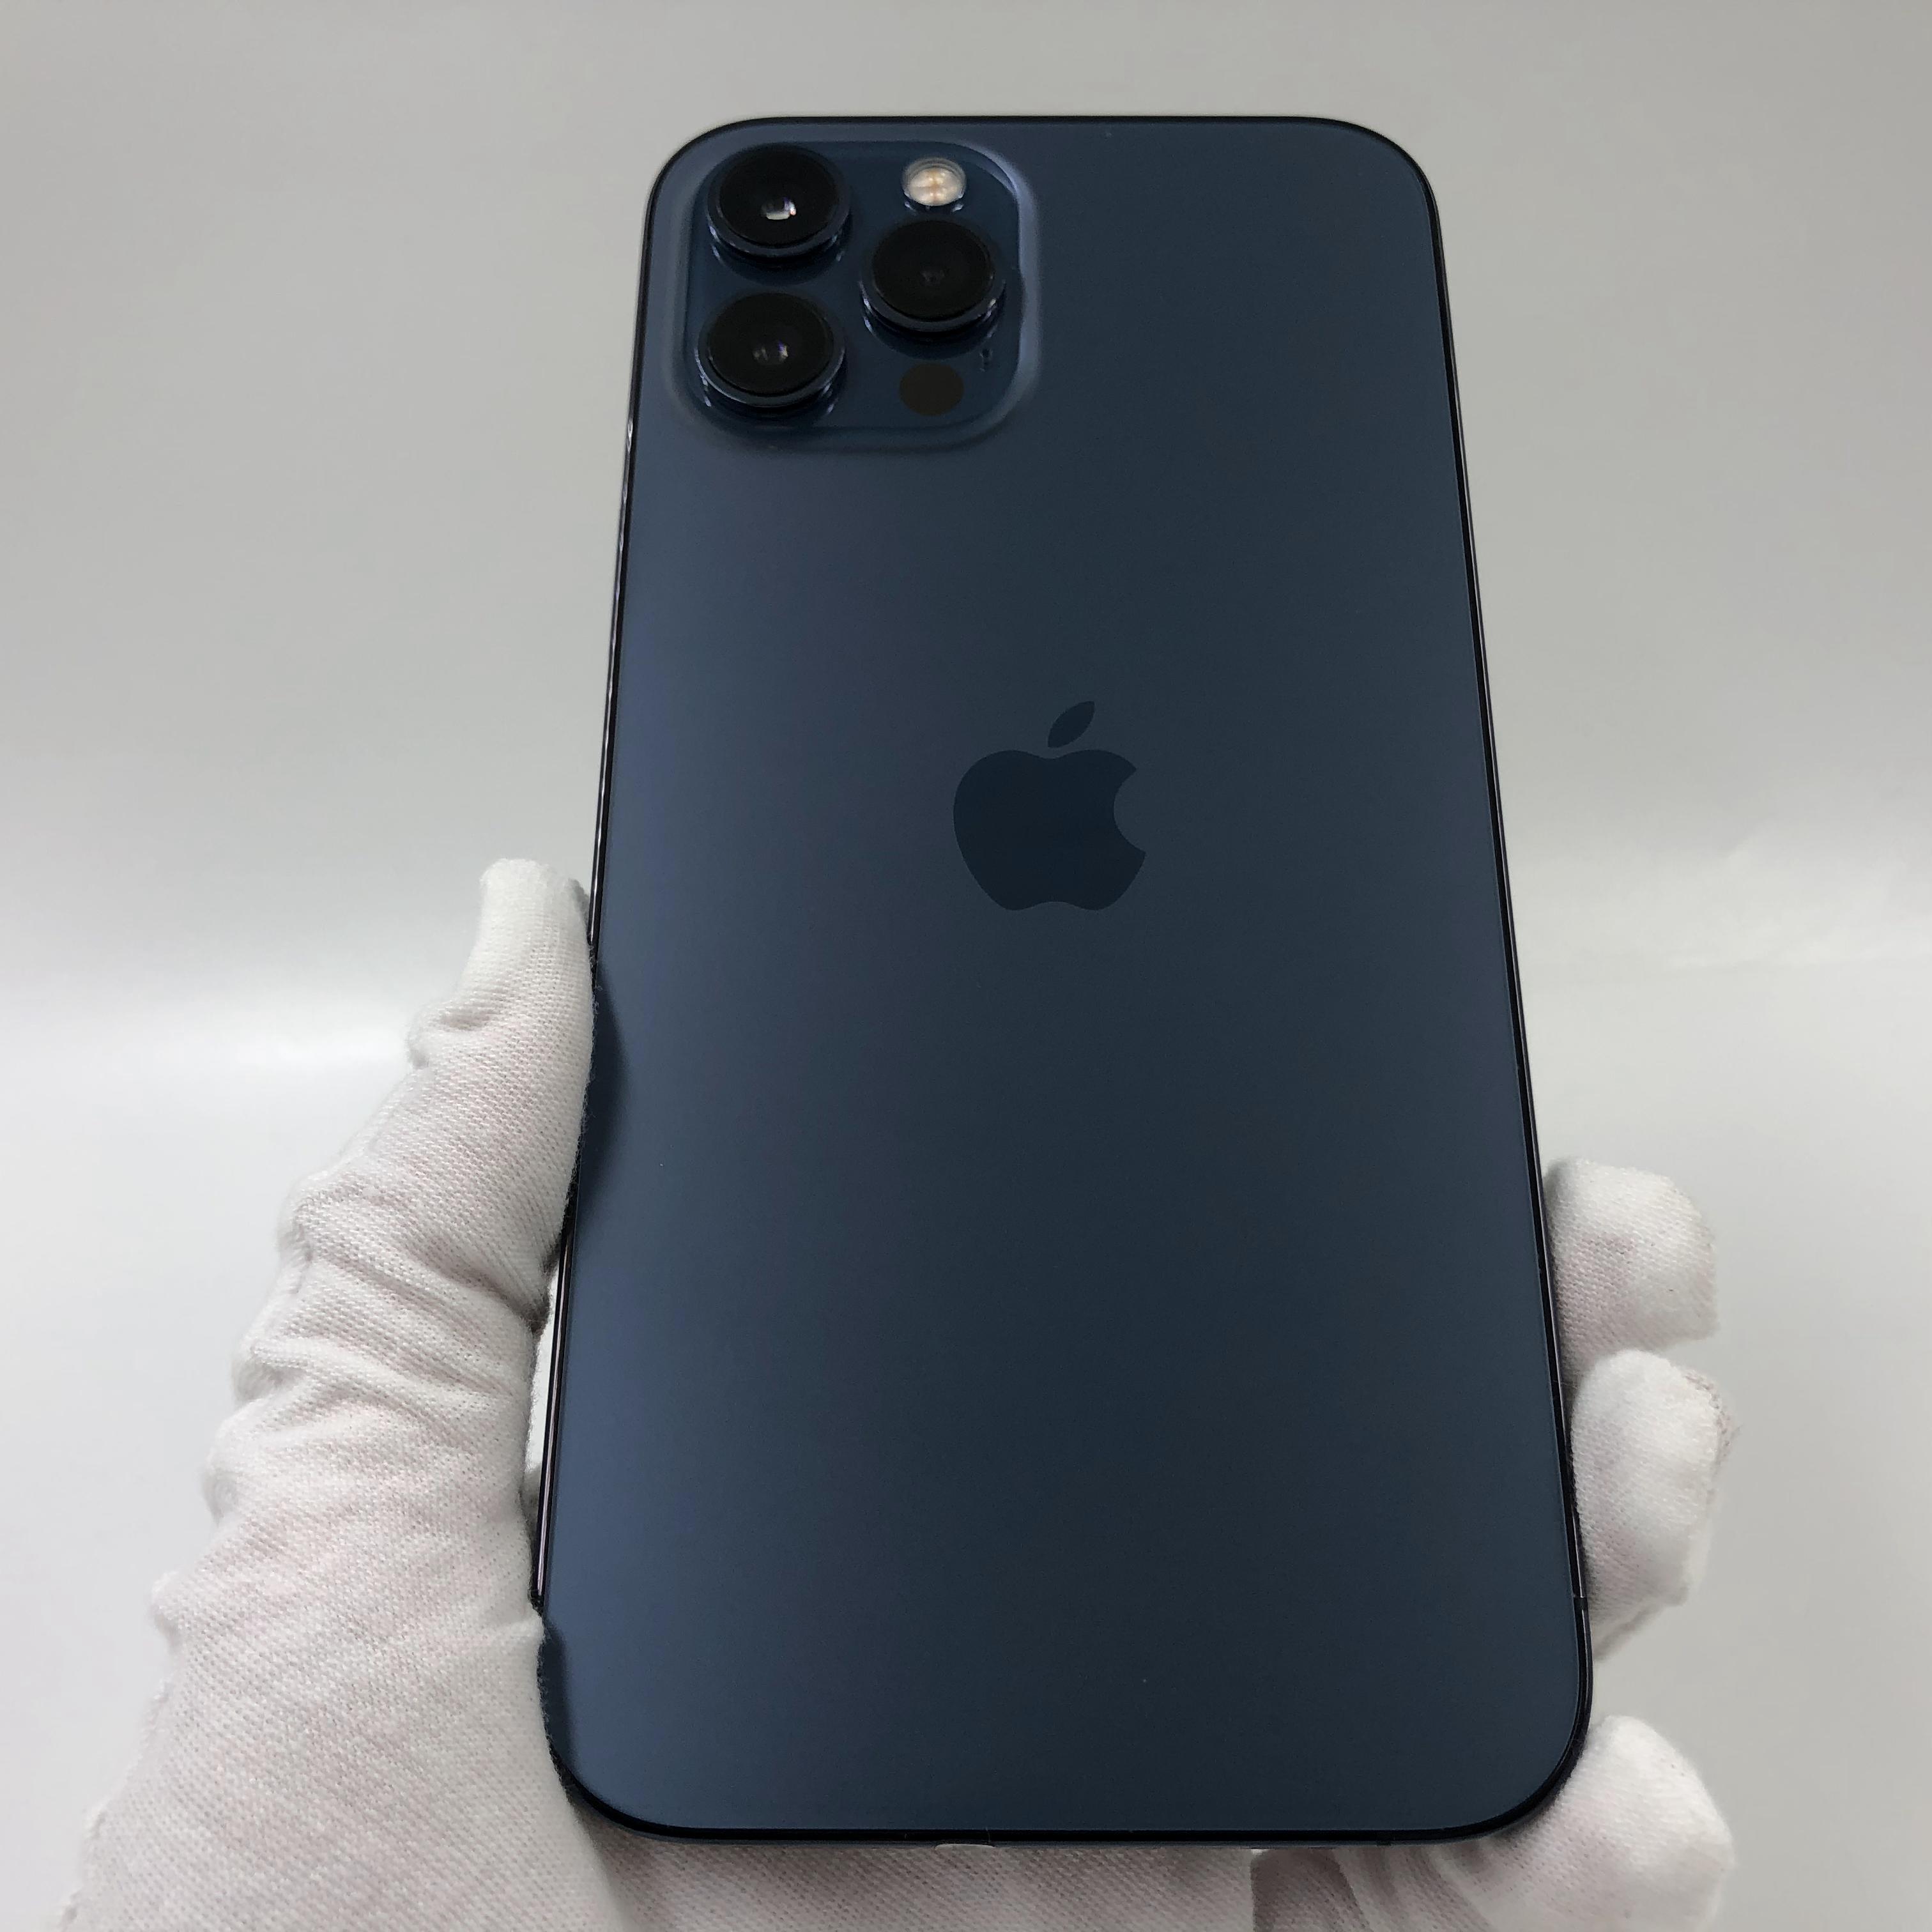 苹果【iPhone 12 Pro Max】5G全网通 海蓝色 256G 国行 95新 真机实拍官保2022-01-18